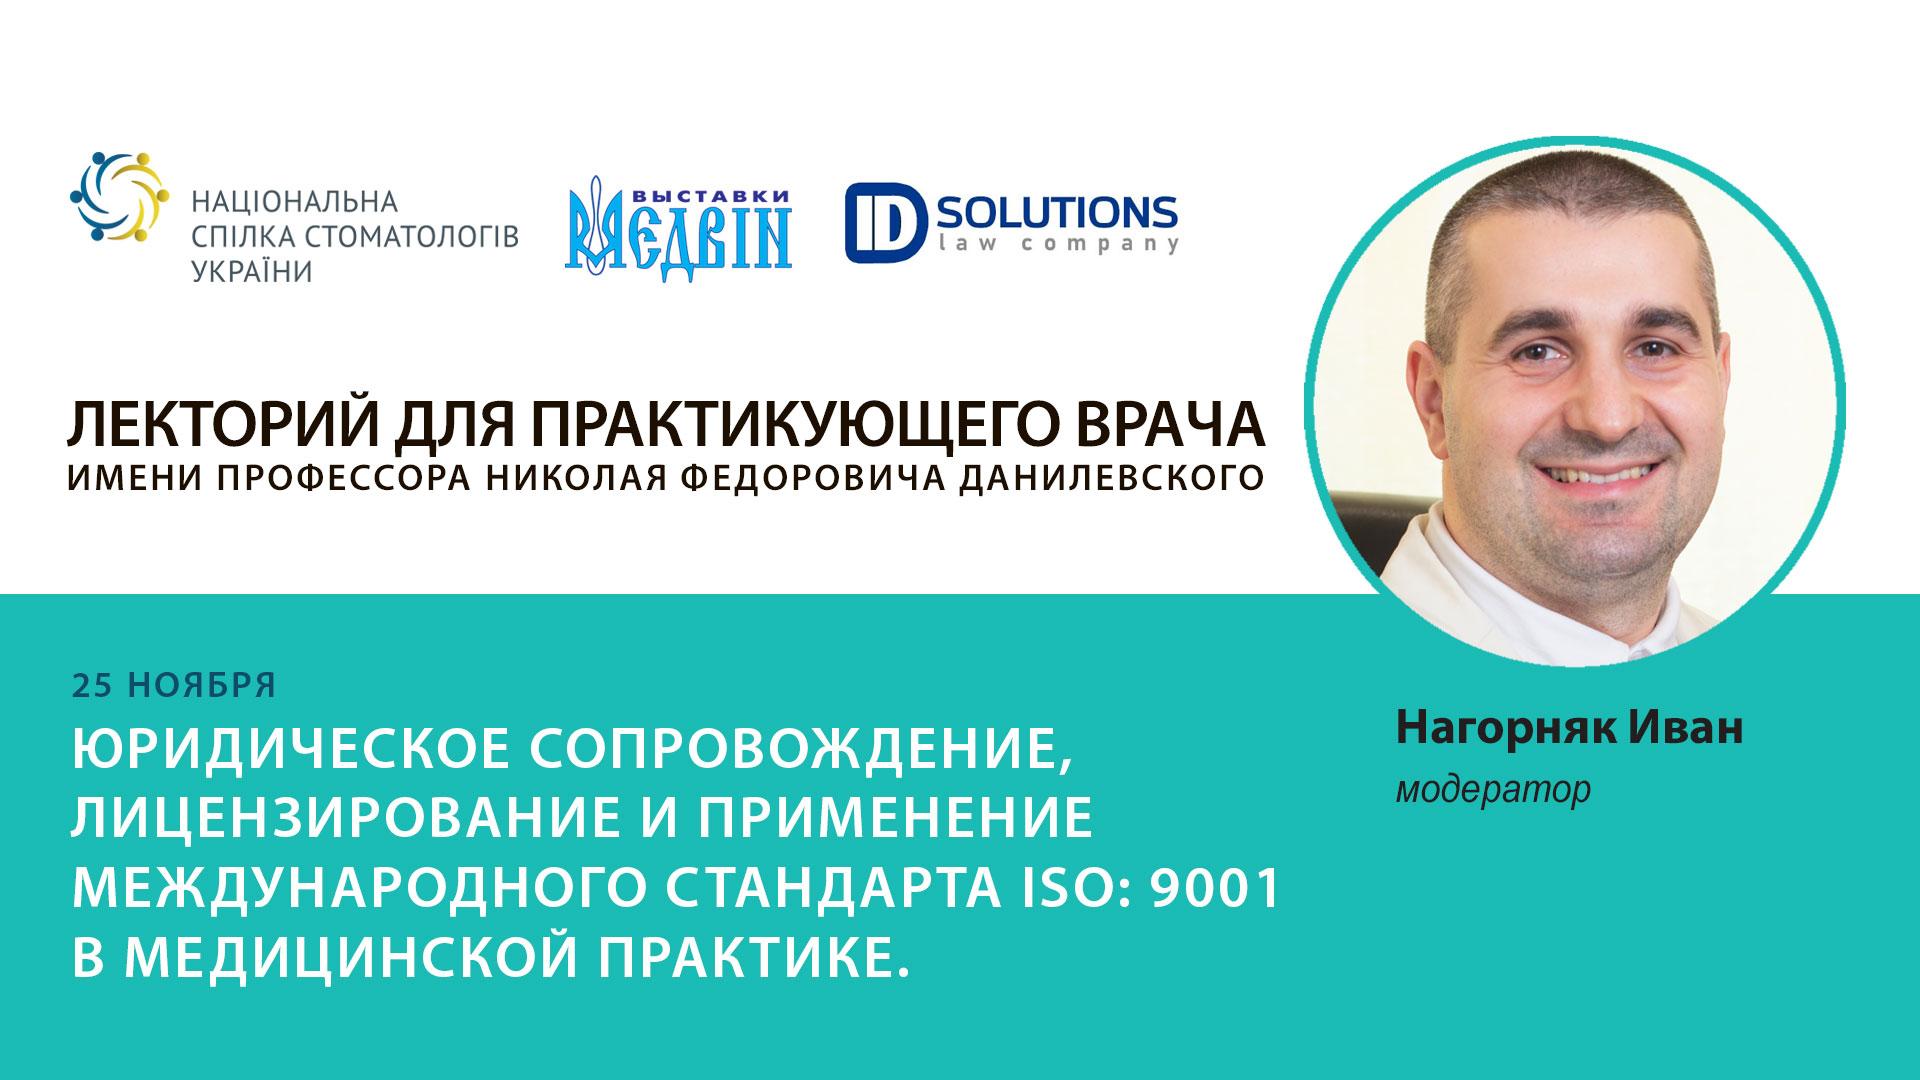 Юридическое сопровождение, лицензирование и применение международного стандарта ISO:9001 в медицинской практике.